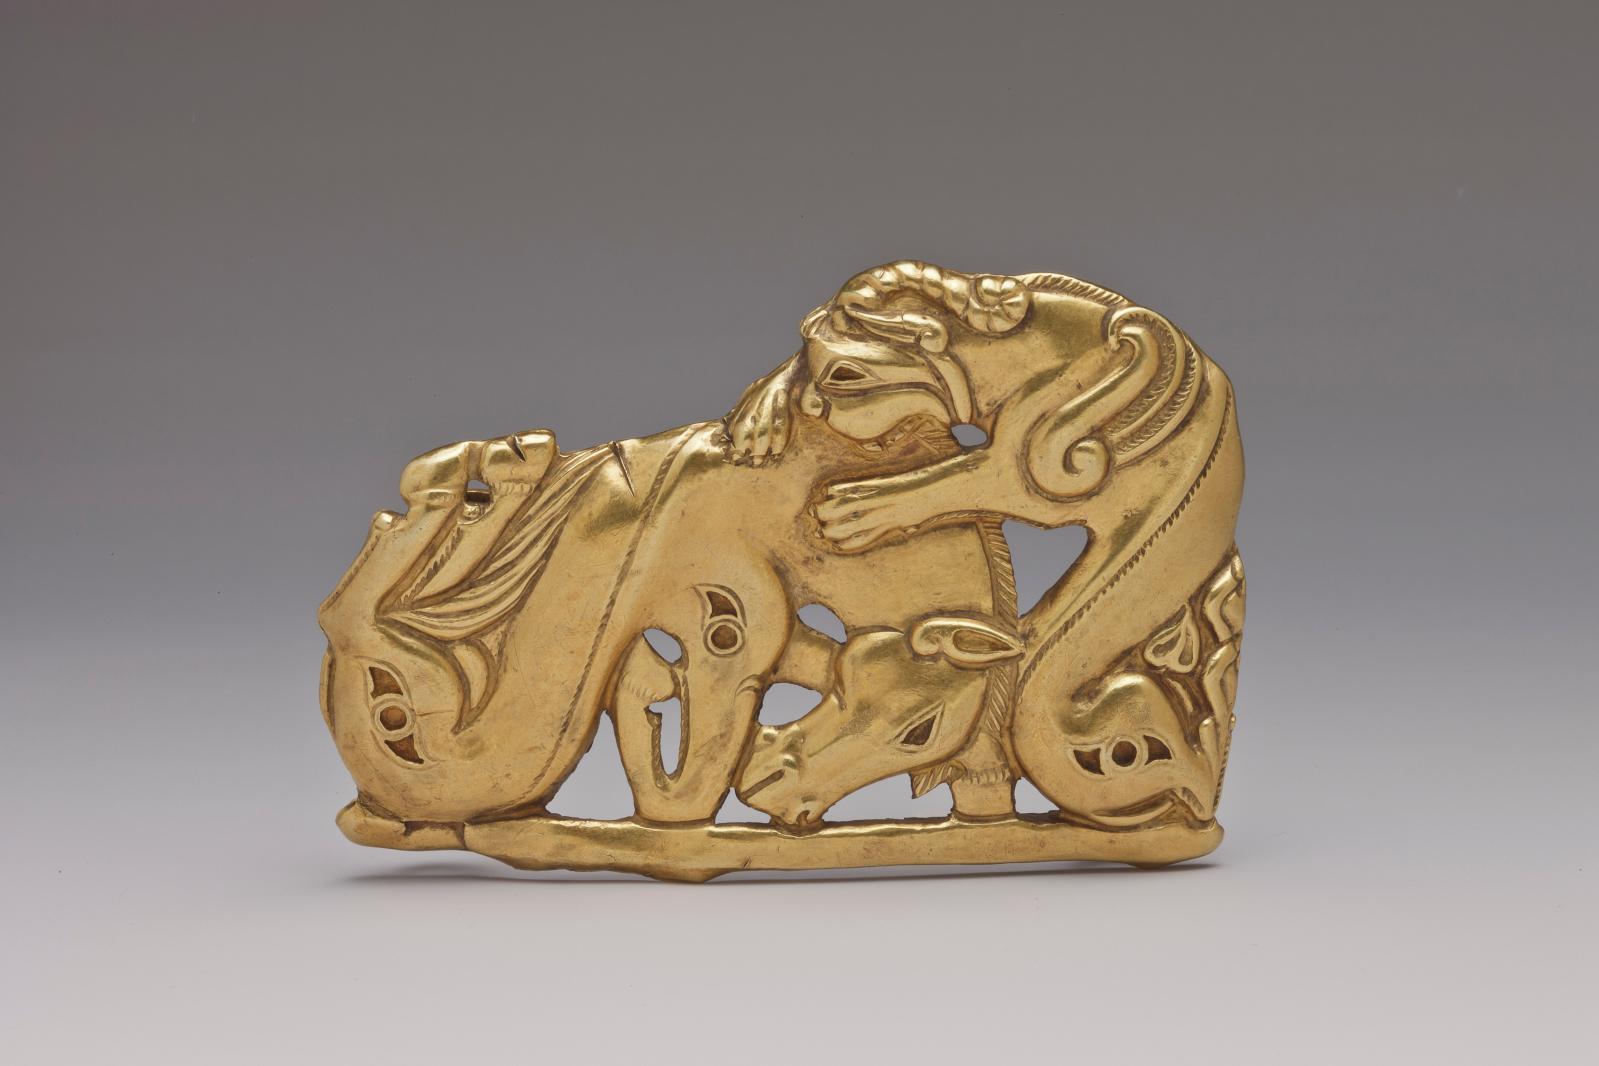 Boucle de ceinture, Ve-IVe siècle av. J.-C., or, peuples sakas, musée d'État de l'Ermitage, Saint-Pétersbourg. C'est après la découverte d